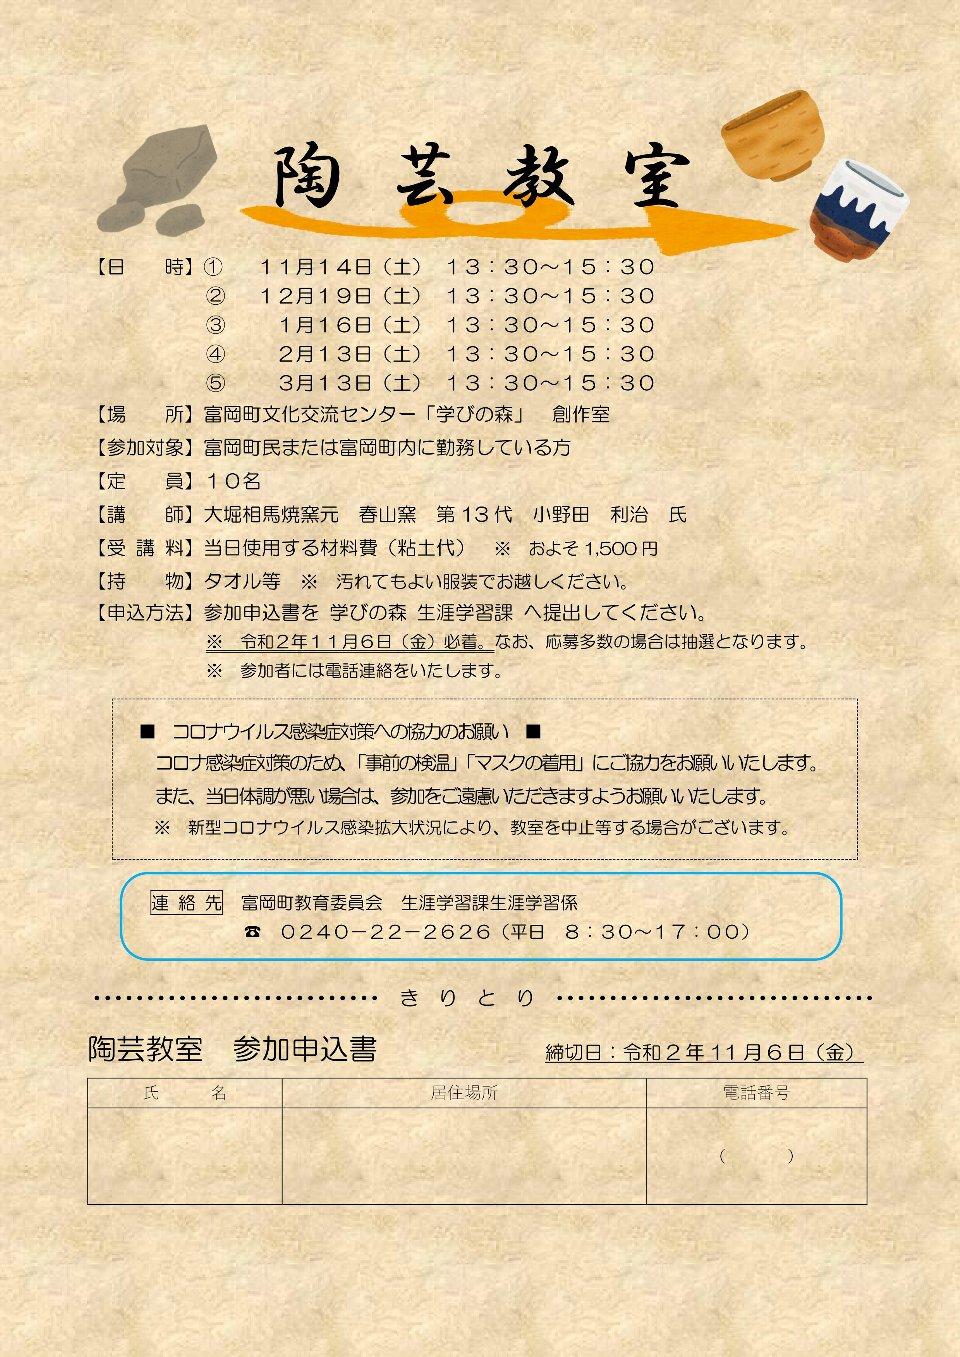 【富岡町】陶芸教室 ※参加者制限あり @ 富岡町文化交流センター「学びの森」創作室